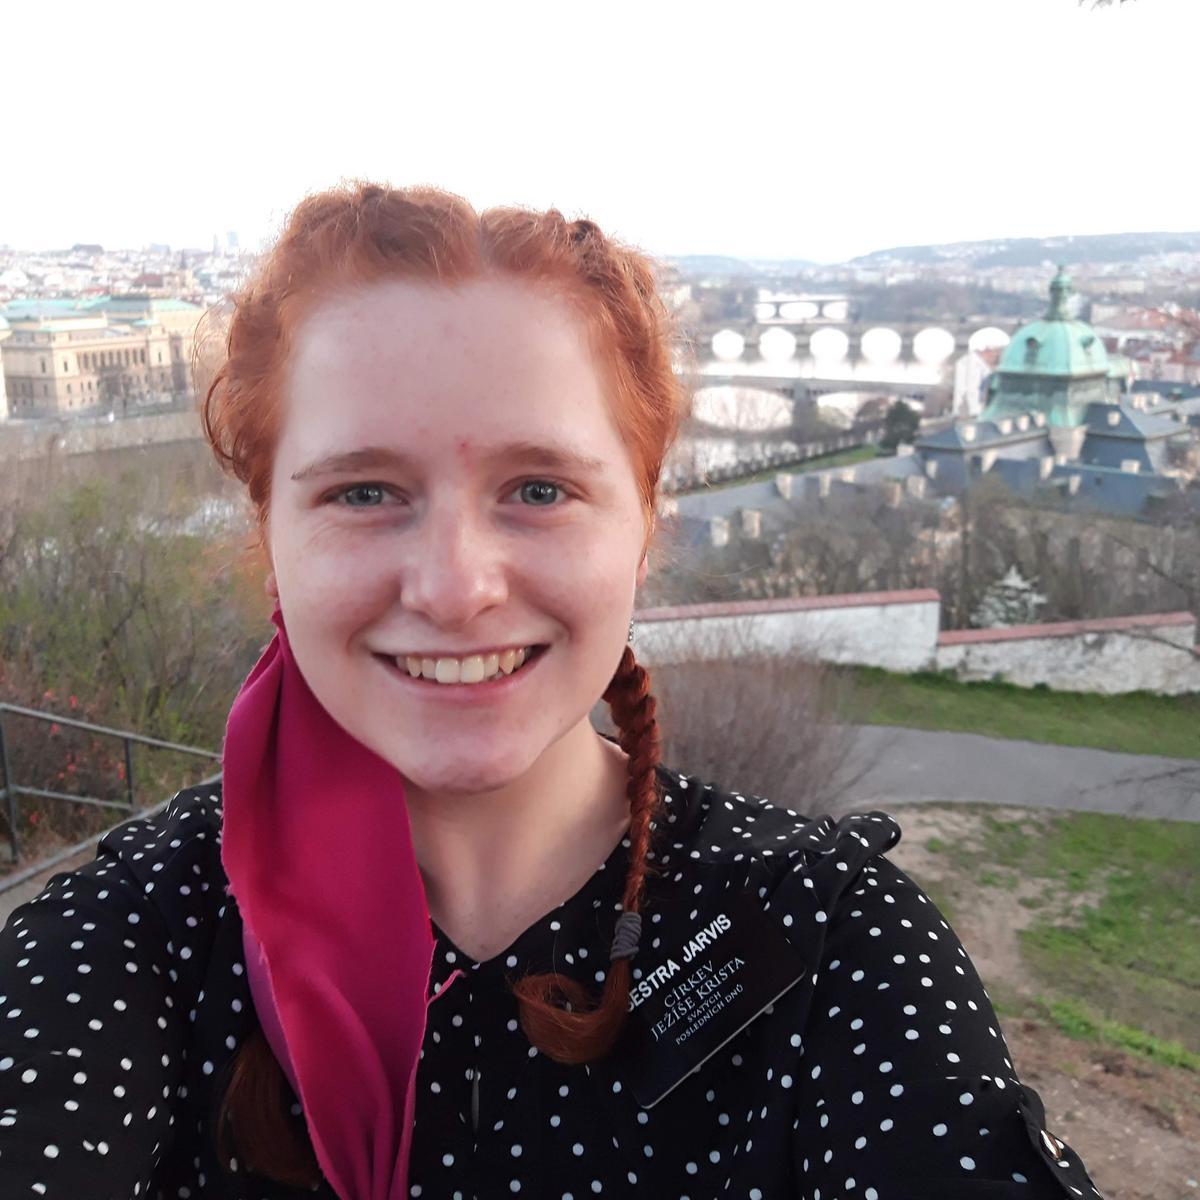 Sestra Jarvis na fotce v Praze, nyní působí jako misionářka v Brně.